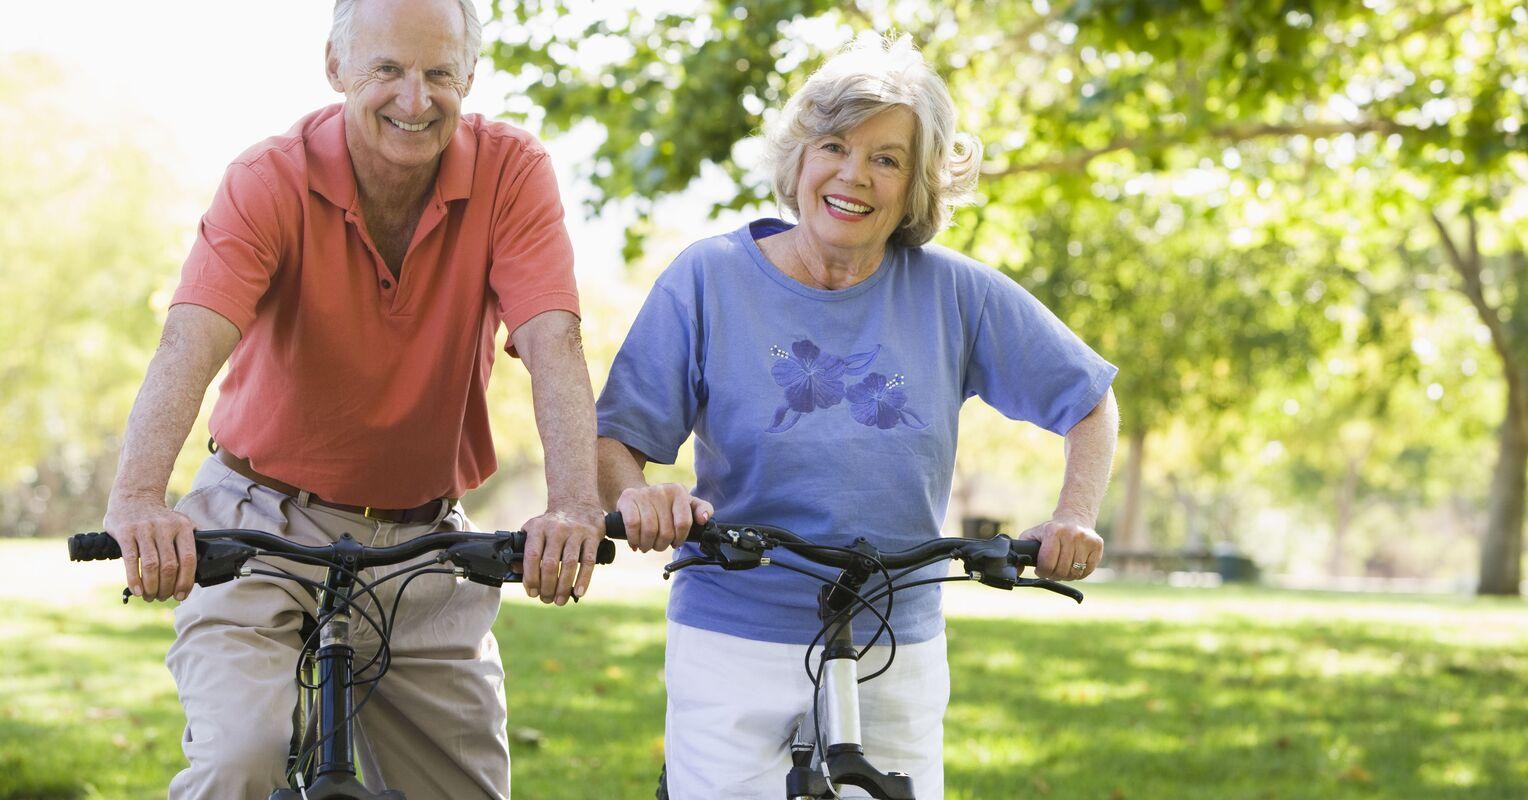 4 Βήματα άσκησης για ηλικιωμένους. Εκπλήξτε τον ίδιο σας τον εαυτό!